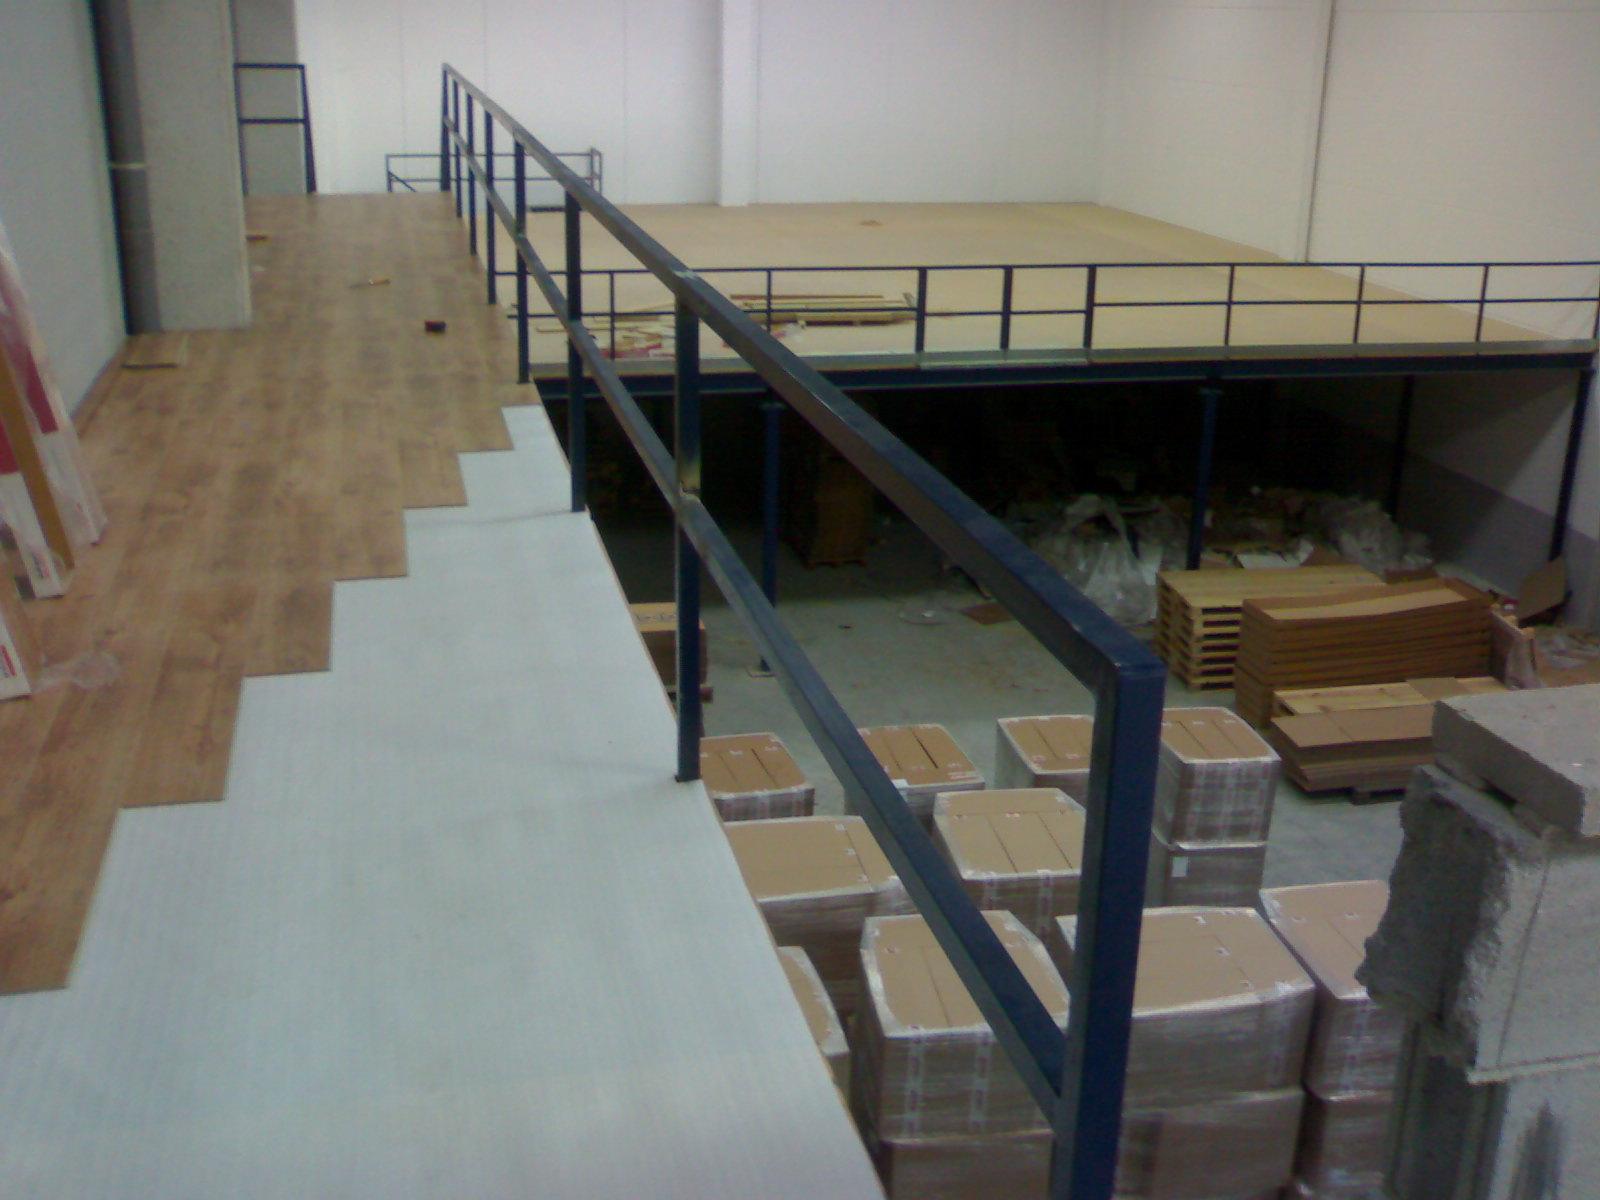 Entreplantas altillos estanterias for Escaleras para altillo